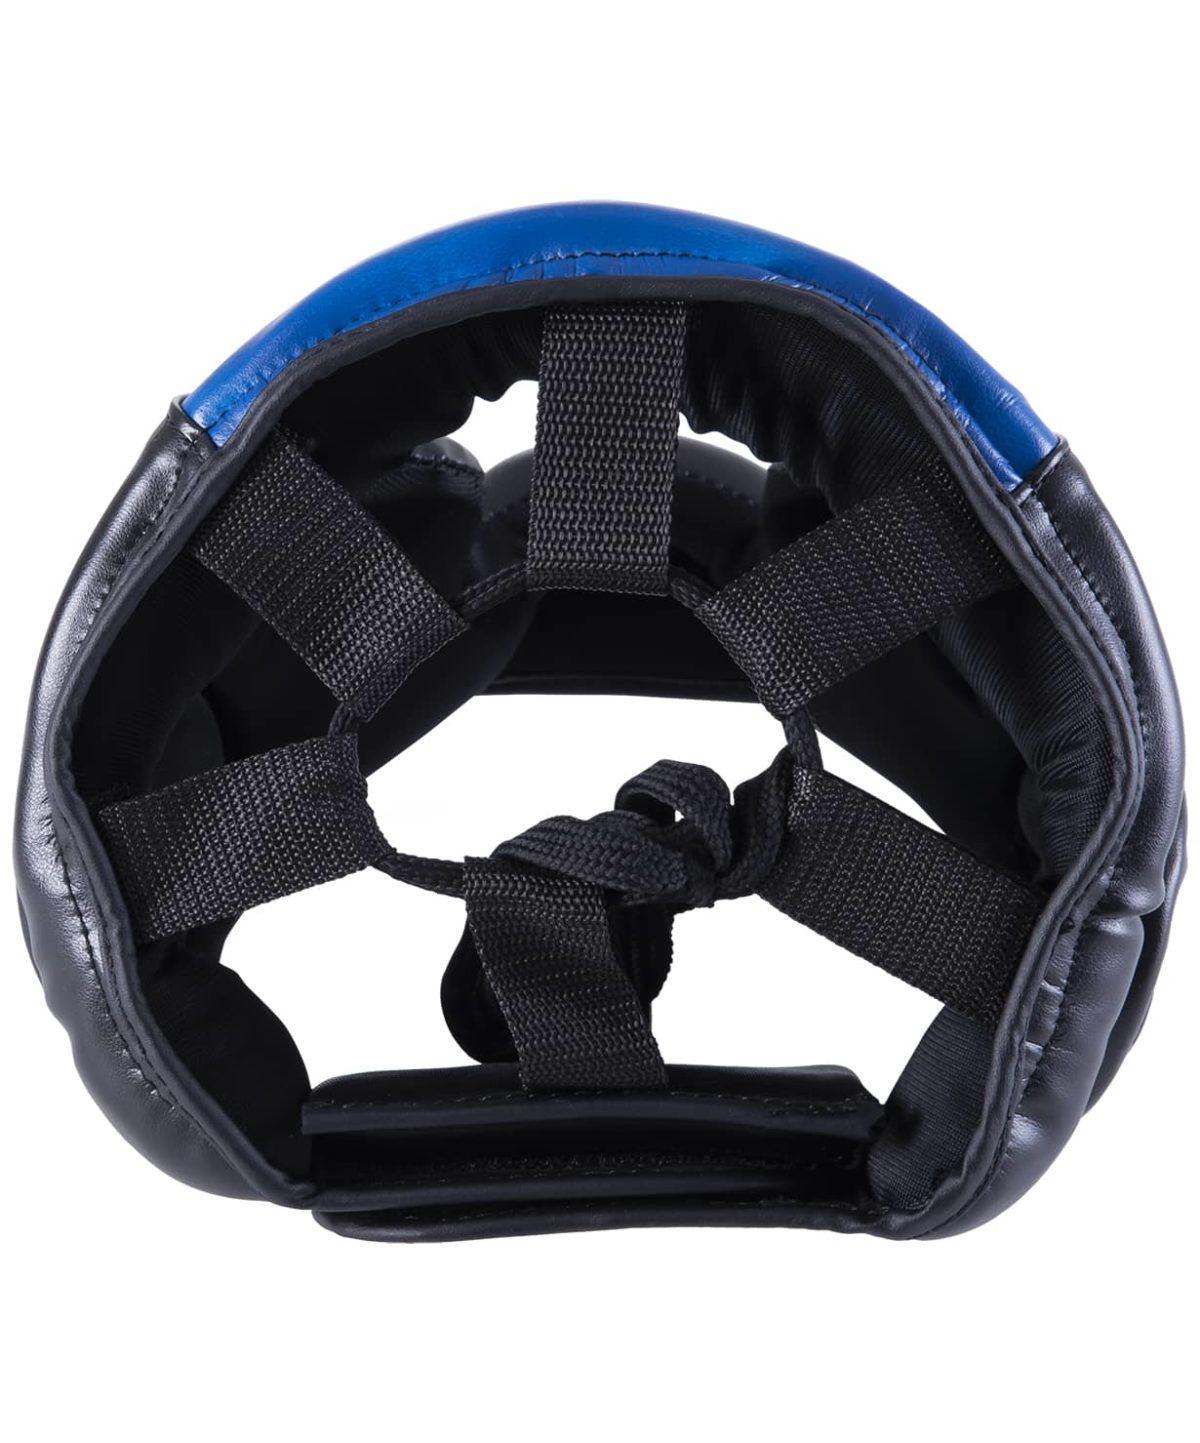 KSA Skull Blue шлем закрытый  17911 - 3